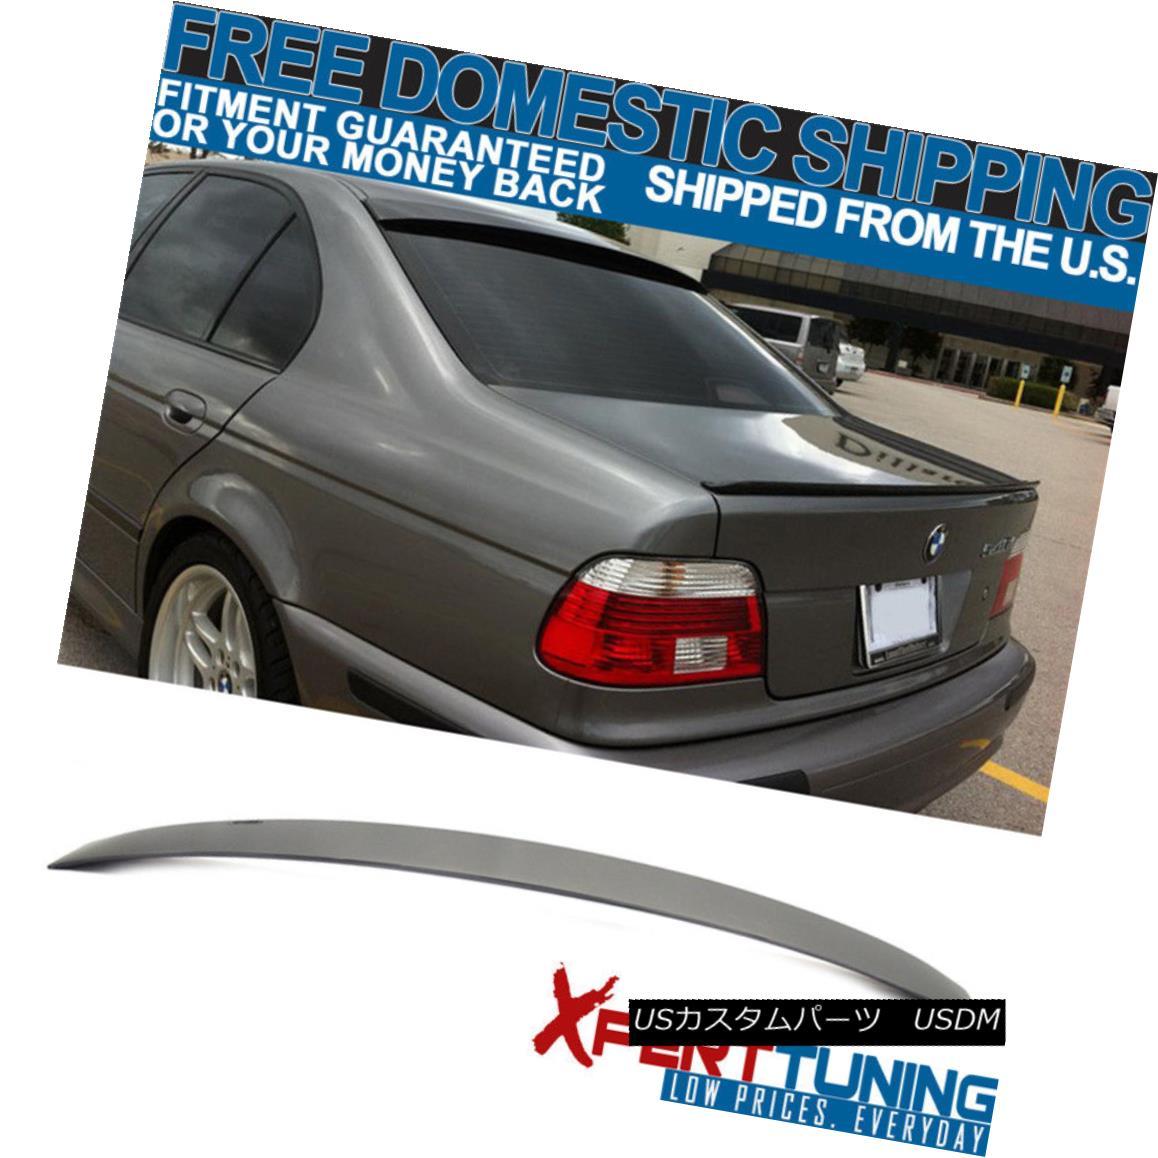 エアロパーツ 97 98 99 00 01 02 03 BMW E39 5-Series M5 AC Style Unpainted Roof Spoiler - ABS 97 98 99 00 01 02 03 BMW E39 5シリーズM5 ACスタイル無塗装ルーフスポイラー - ABS